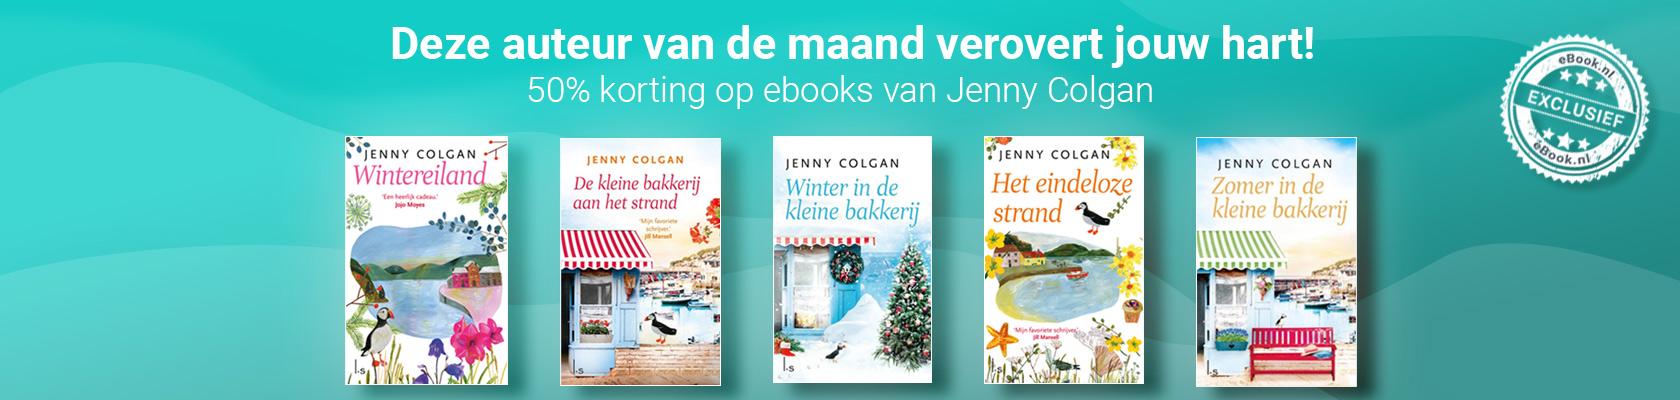 Auteur van de maand: Jenny Colgan